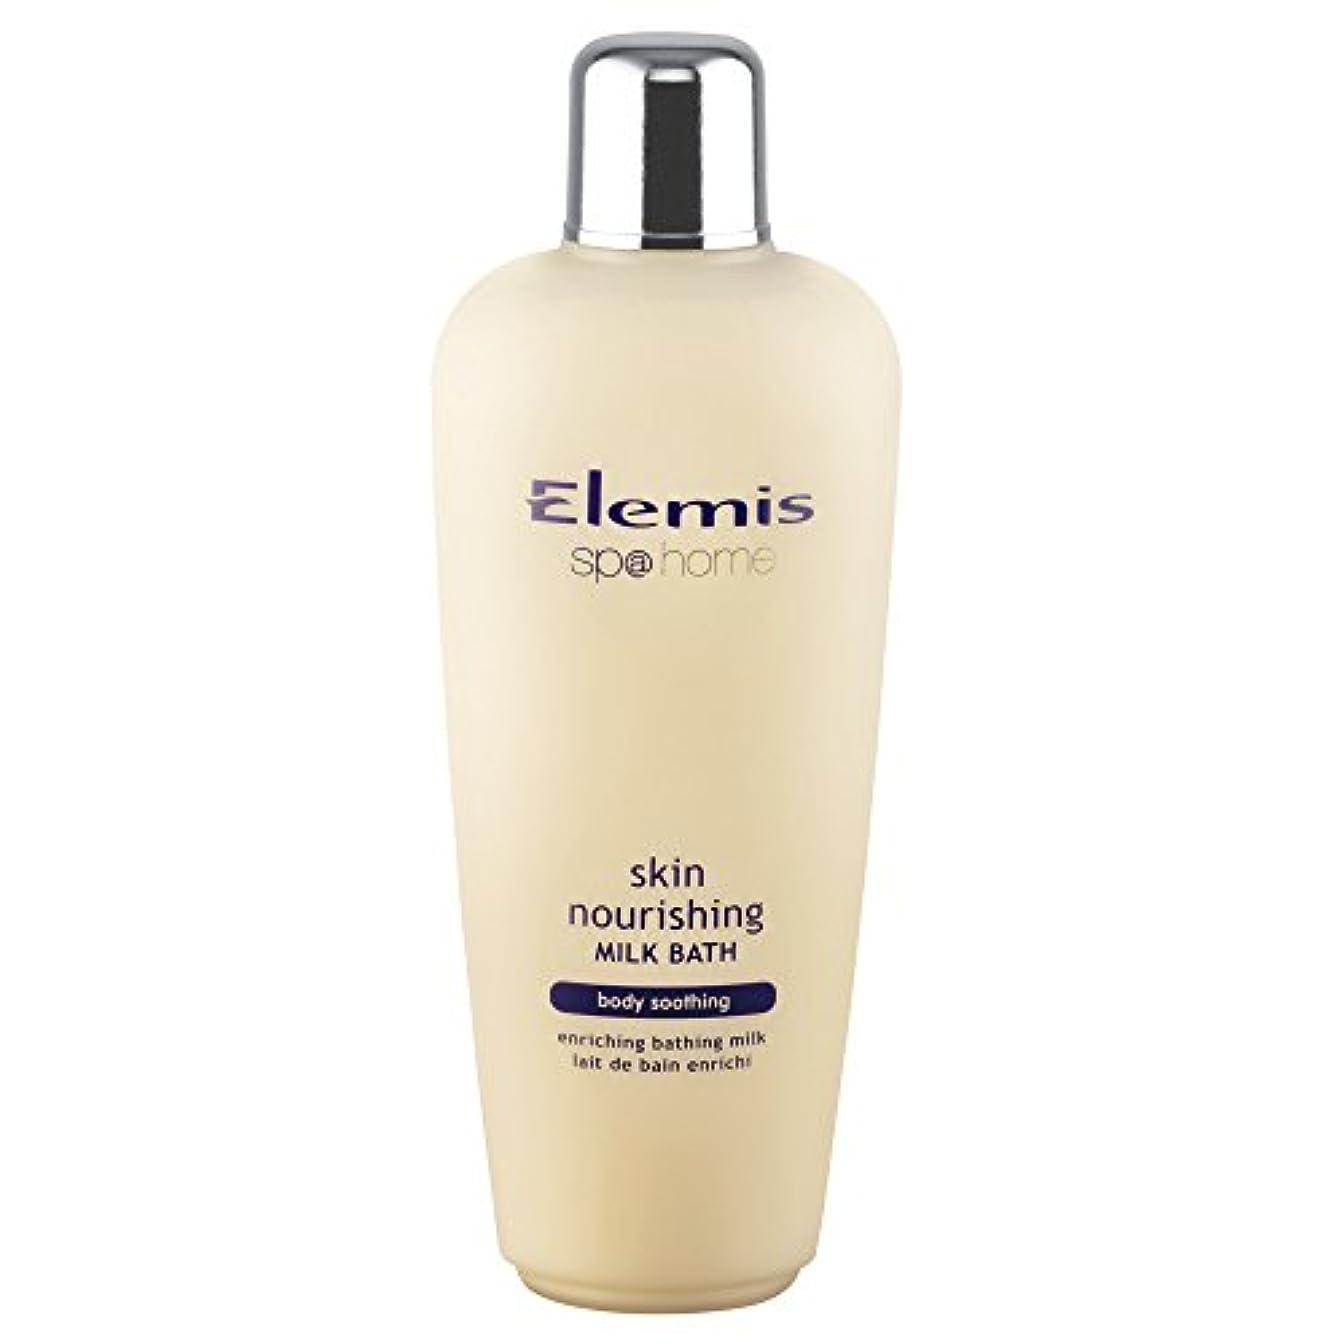 破壊する通り悲しむエレミススキン栄養ミルクバスの400ミリリットル (Elemis) (x2) - Elemis Skin Nourishing Milk Bath 400ml (Pack of 2) [並行輸入品]